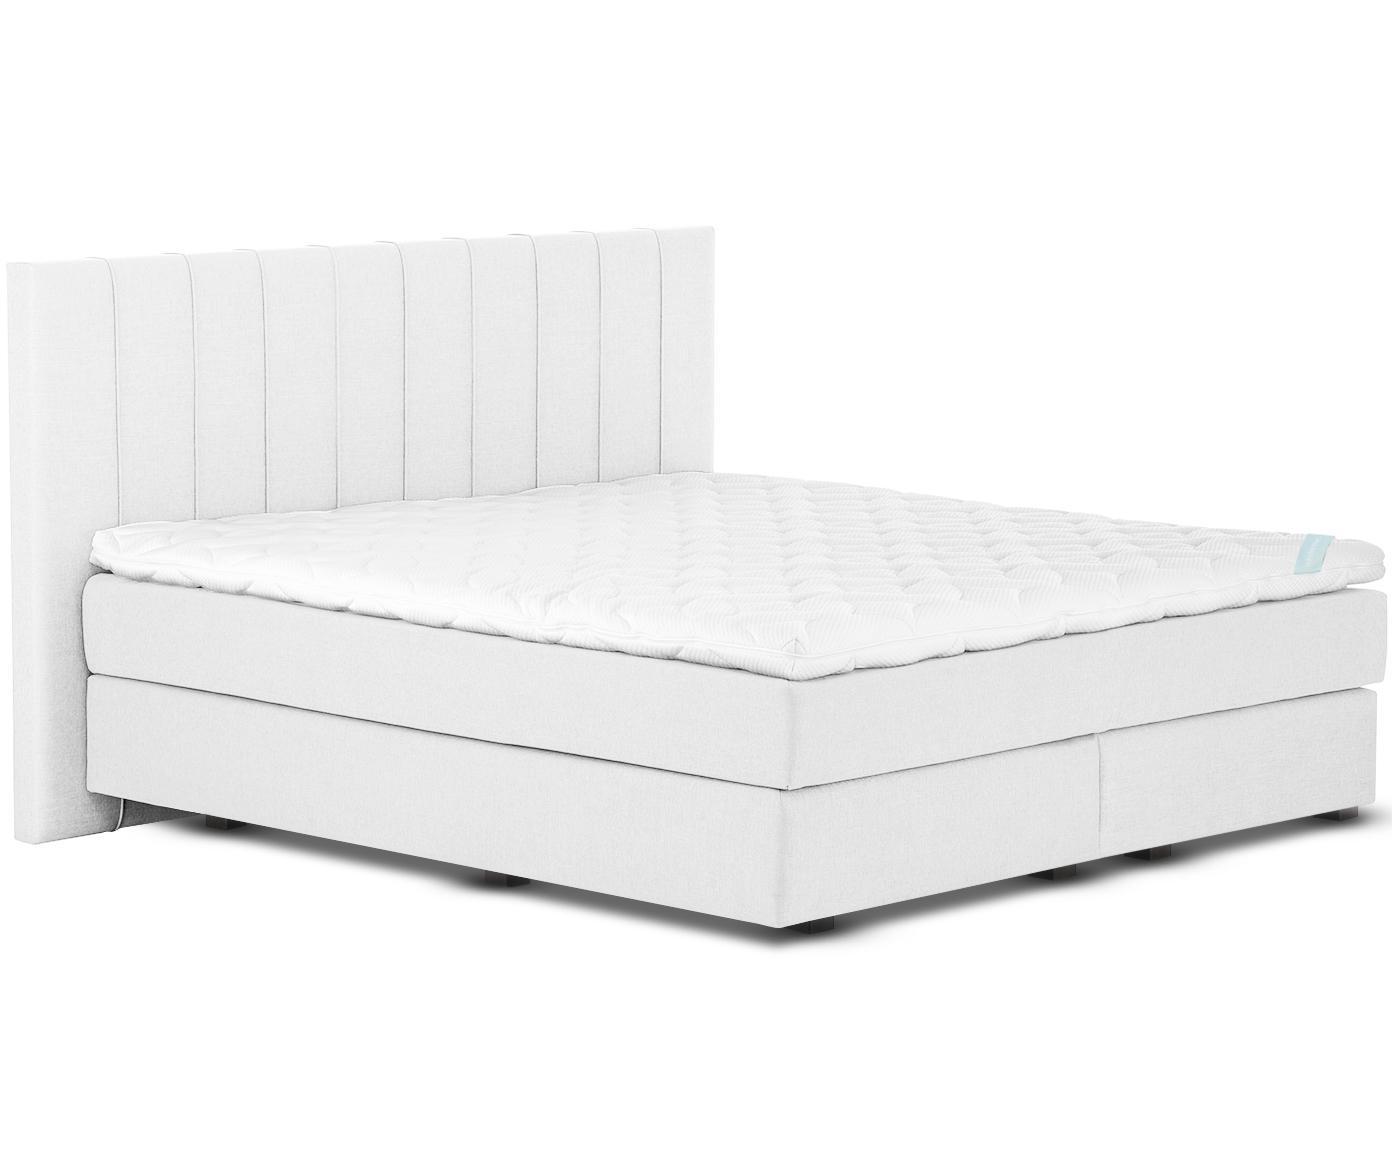 Łóżko kontynentalne premium Lacey, Nogi: lite drewno bukowe, lakie, Jasny szary, 140 x 200 cm